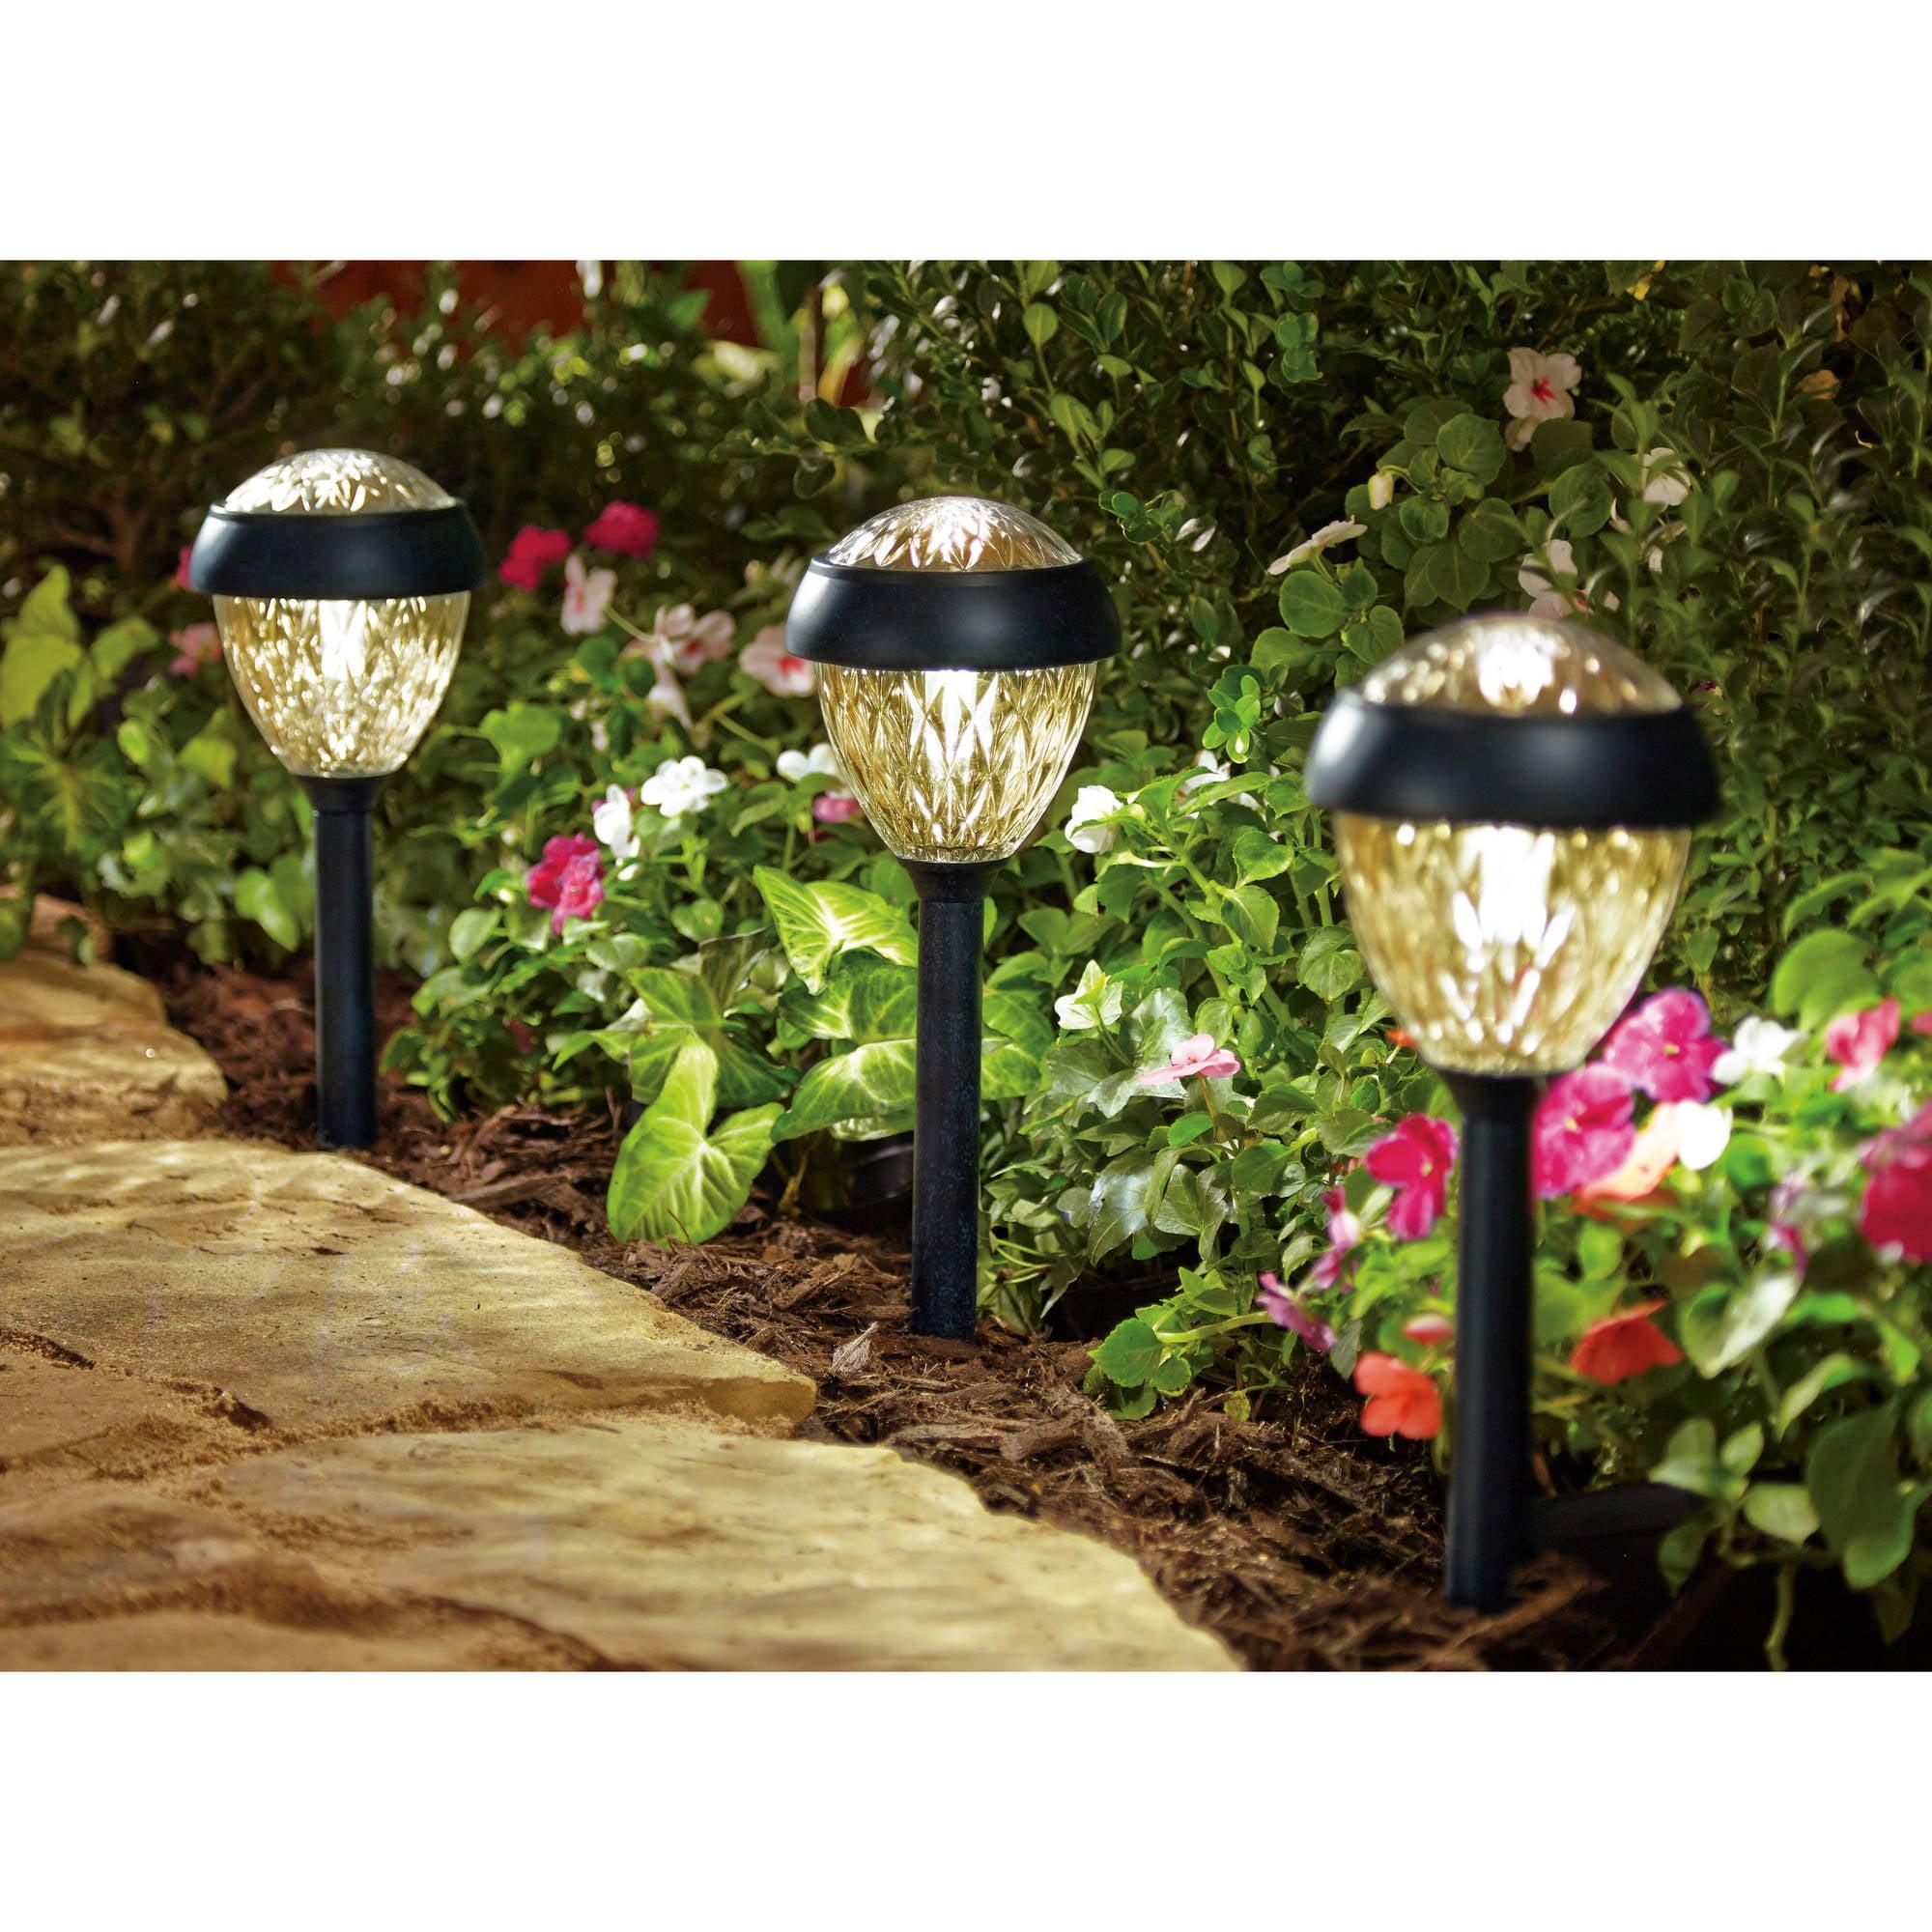 Better Homes & Gardens Abington Solar Landscape Light Set - Pewter